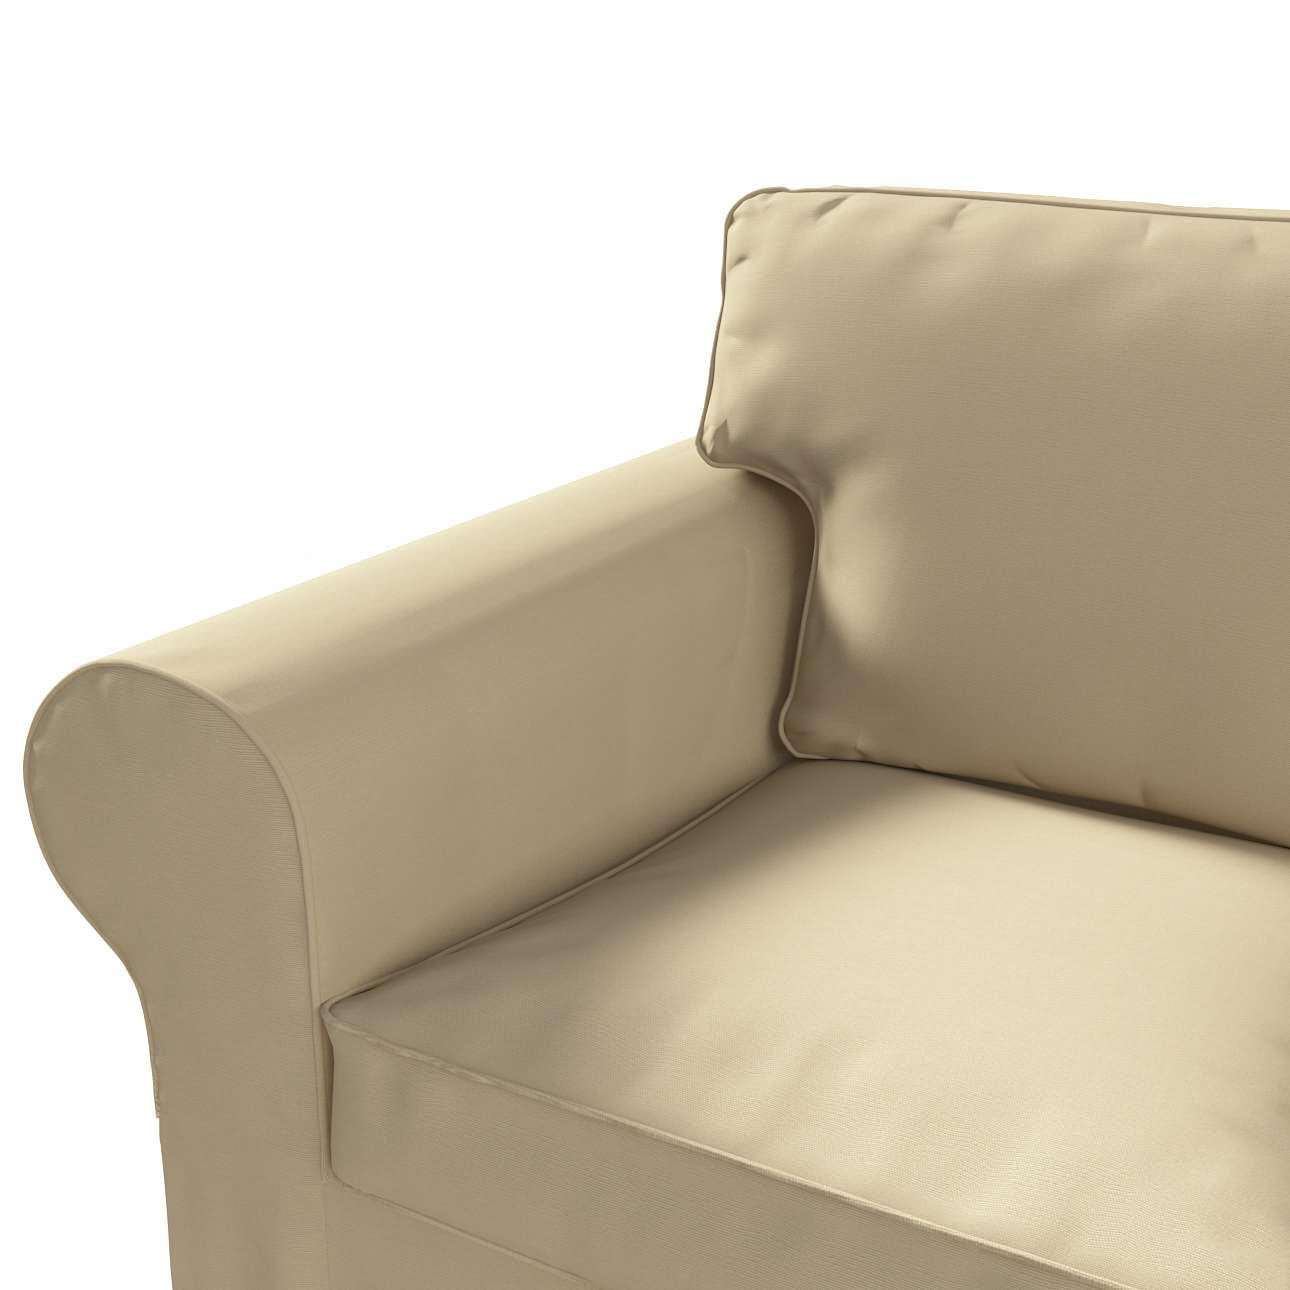 Ektorp 3-Sitzer Schlafsofabezug, ALTES Modell von der Kollektion Cotton Panama, Stoff: 702-01